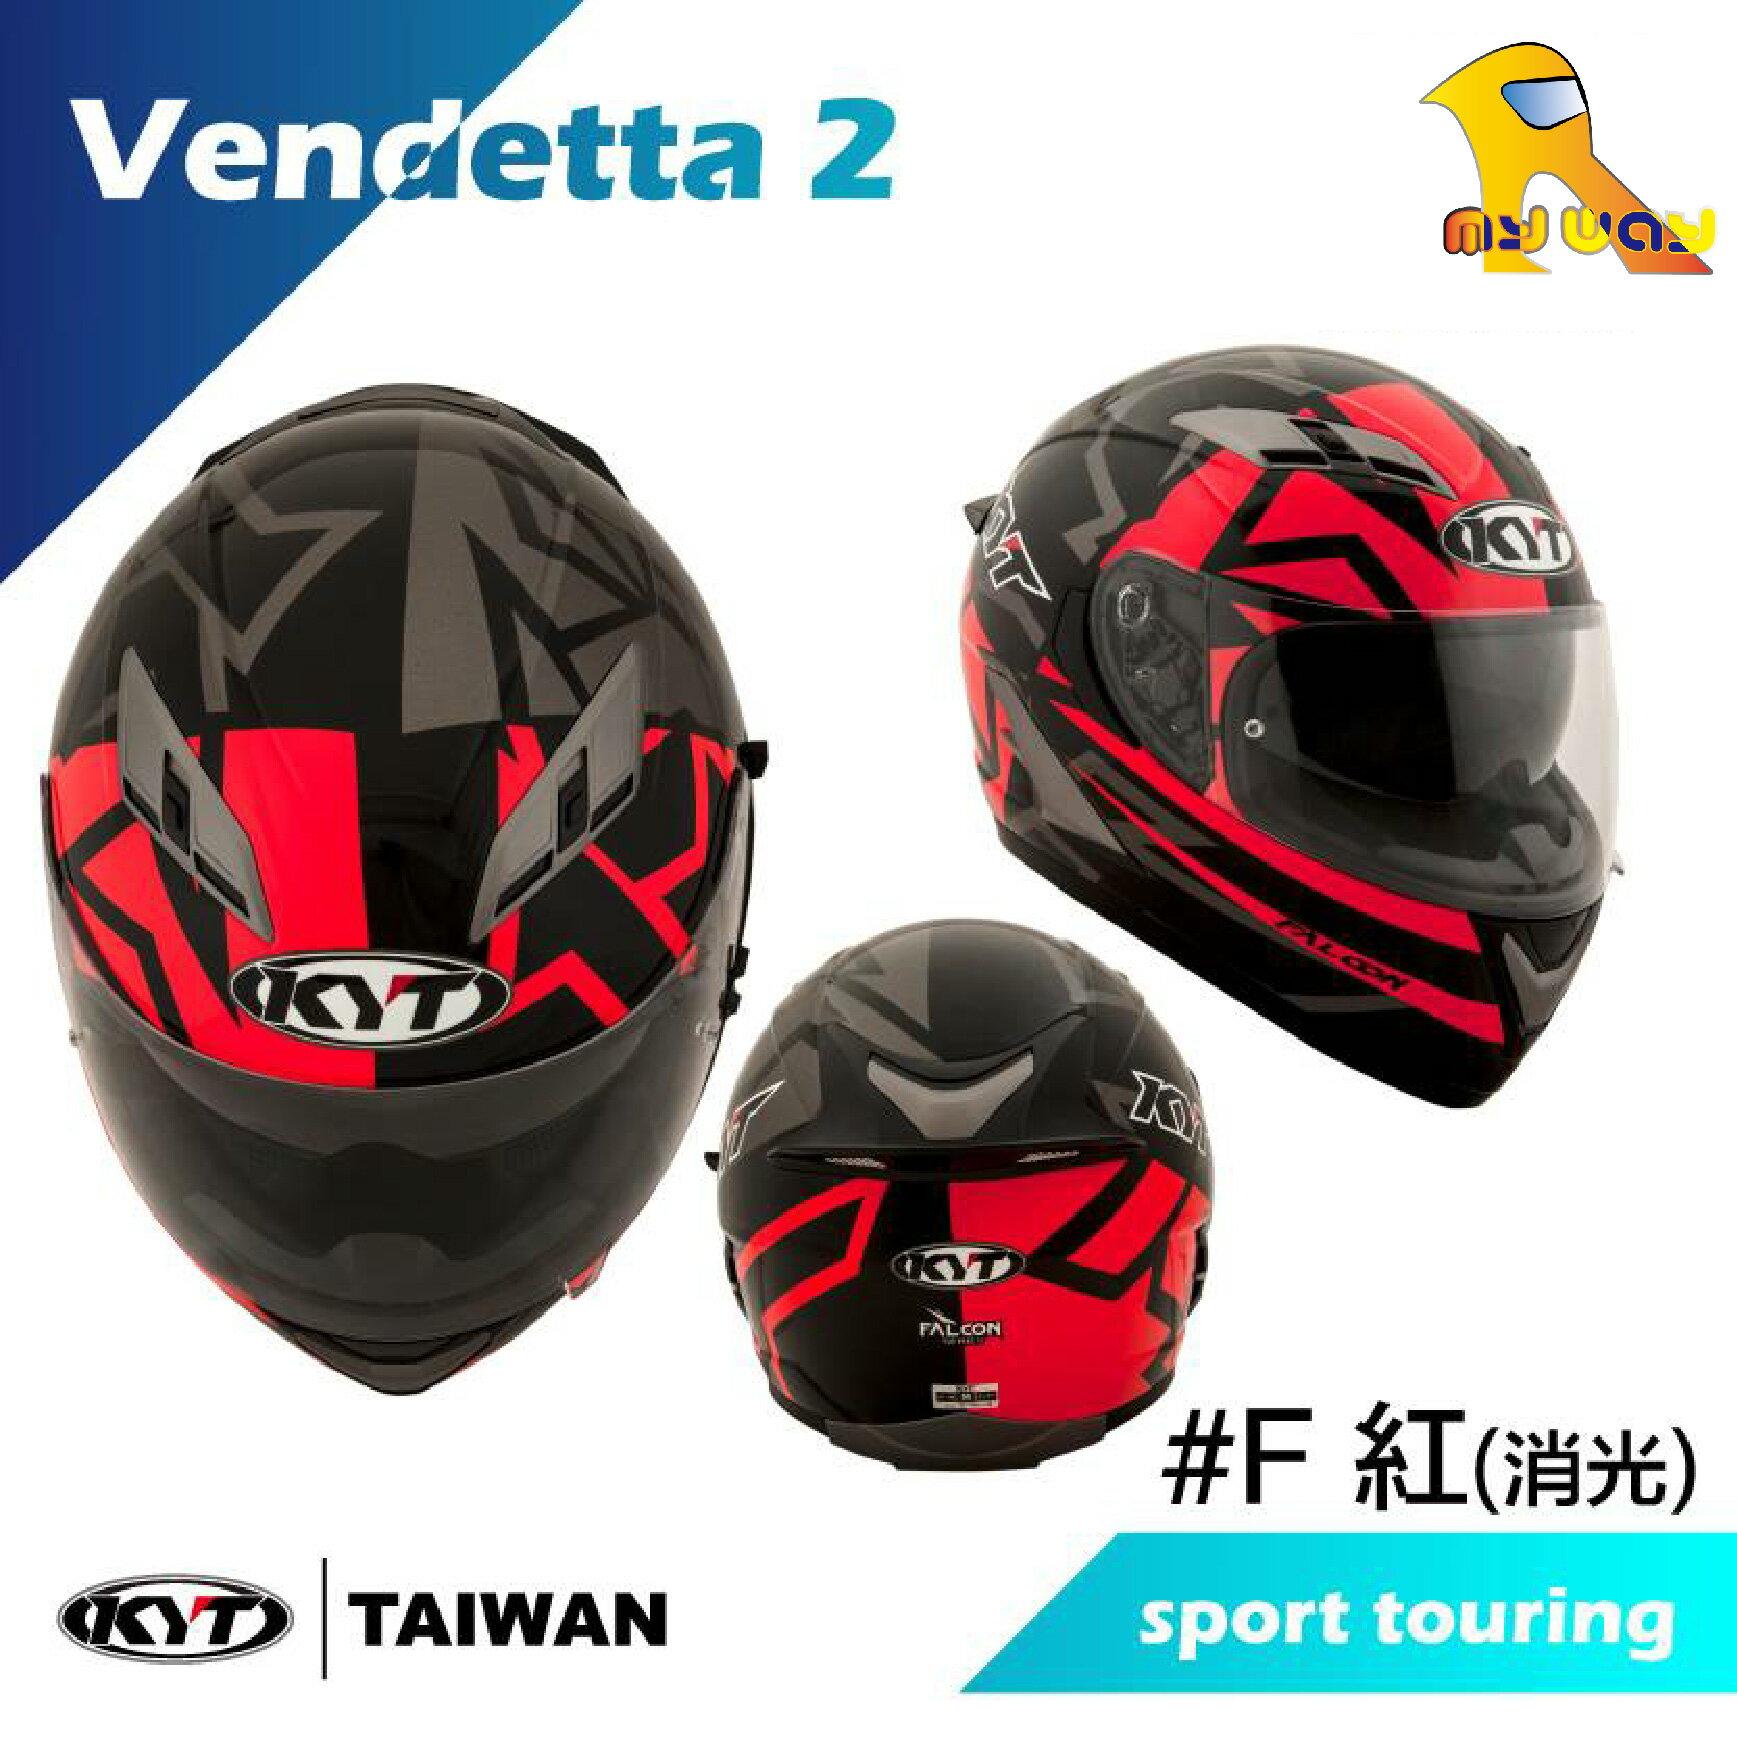 ~任我行騎士部品~KYT Vendetta2 泛維達 #F 消光黑紅 雙鏡片 全罩式 安全帽